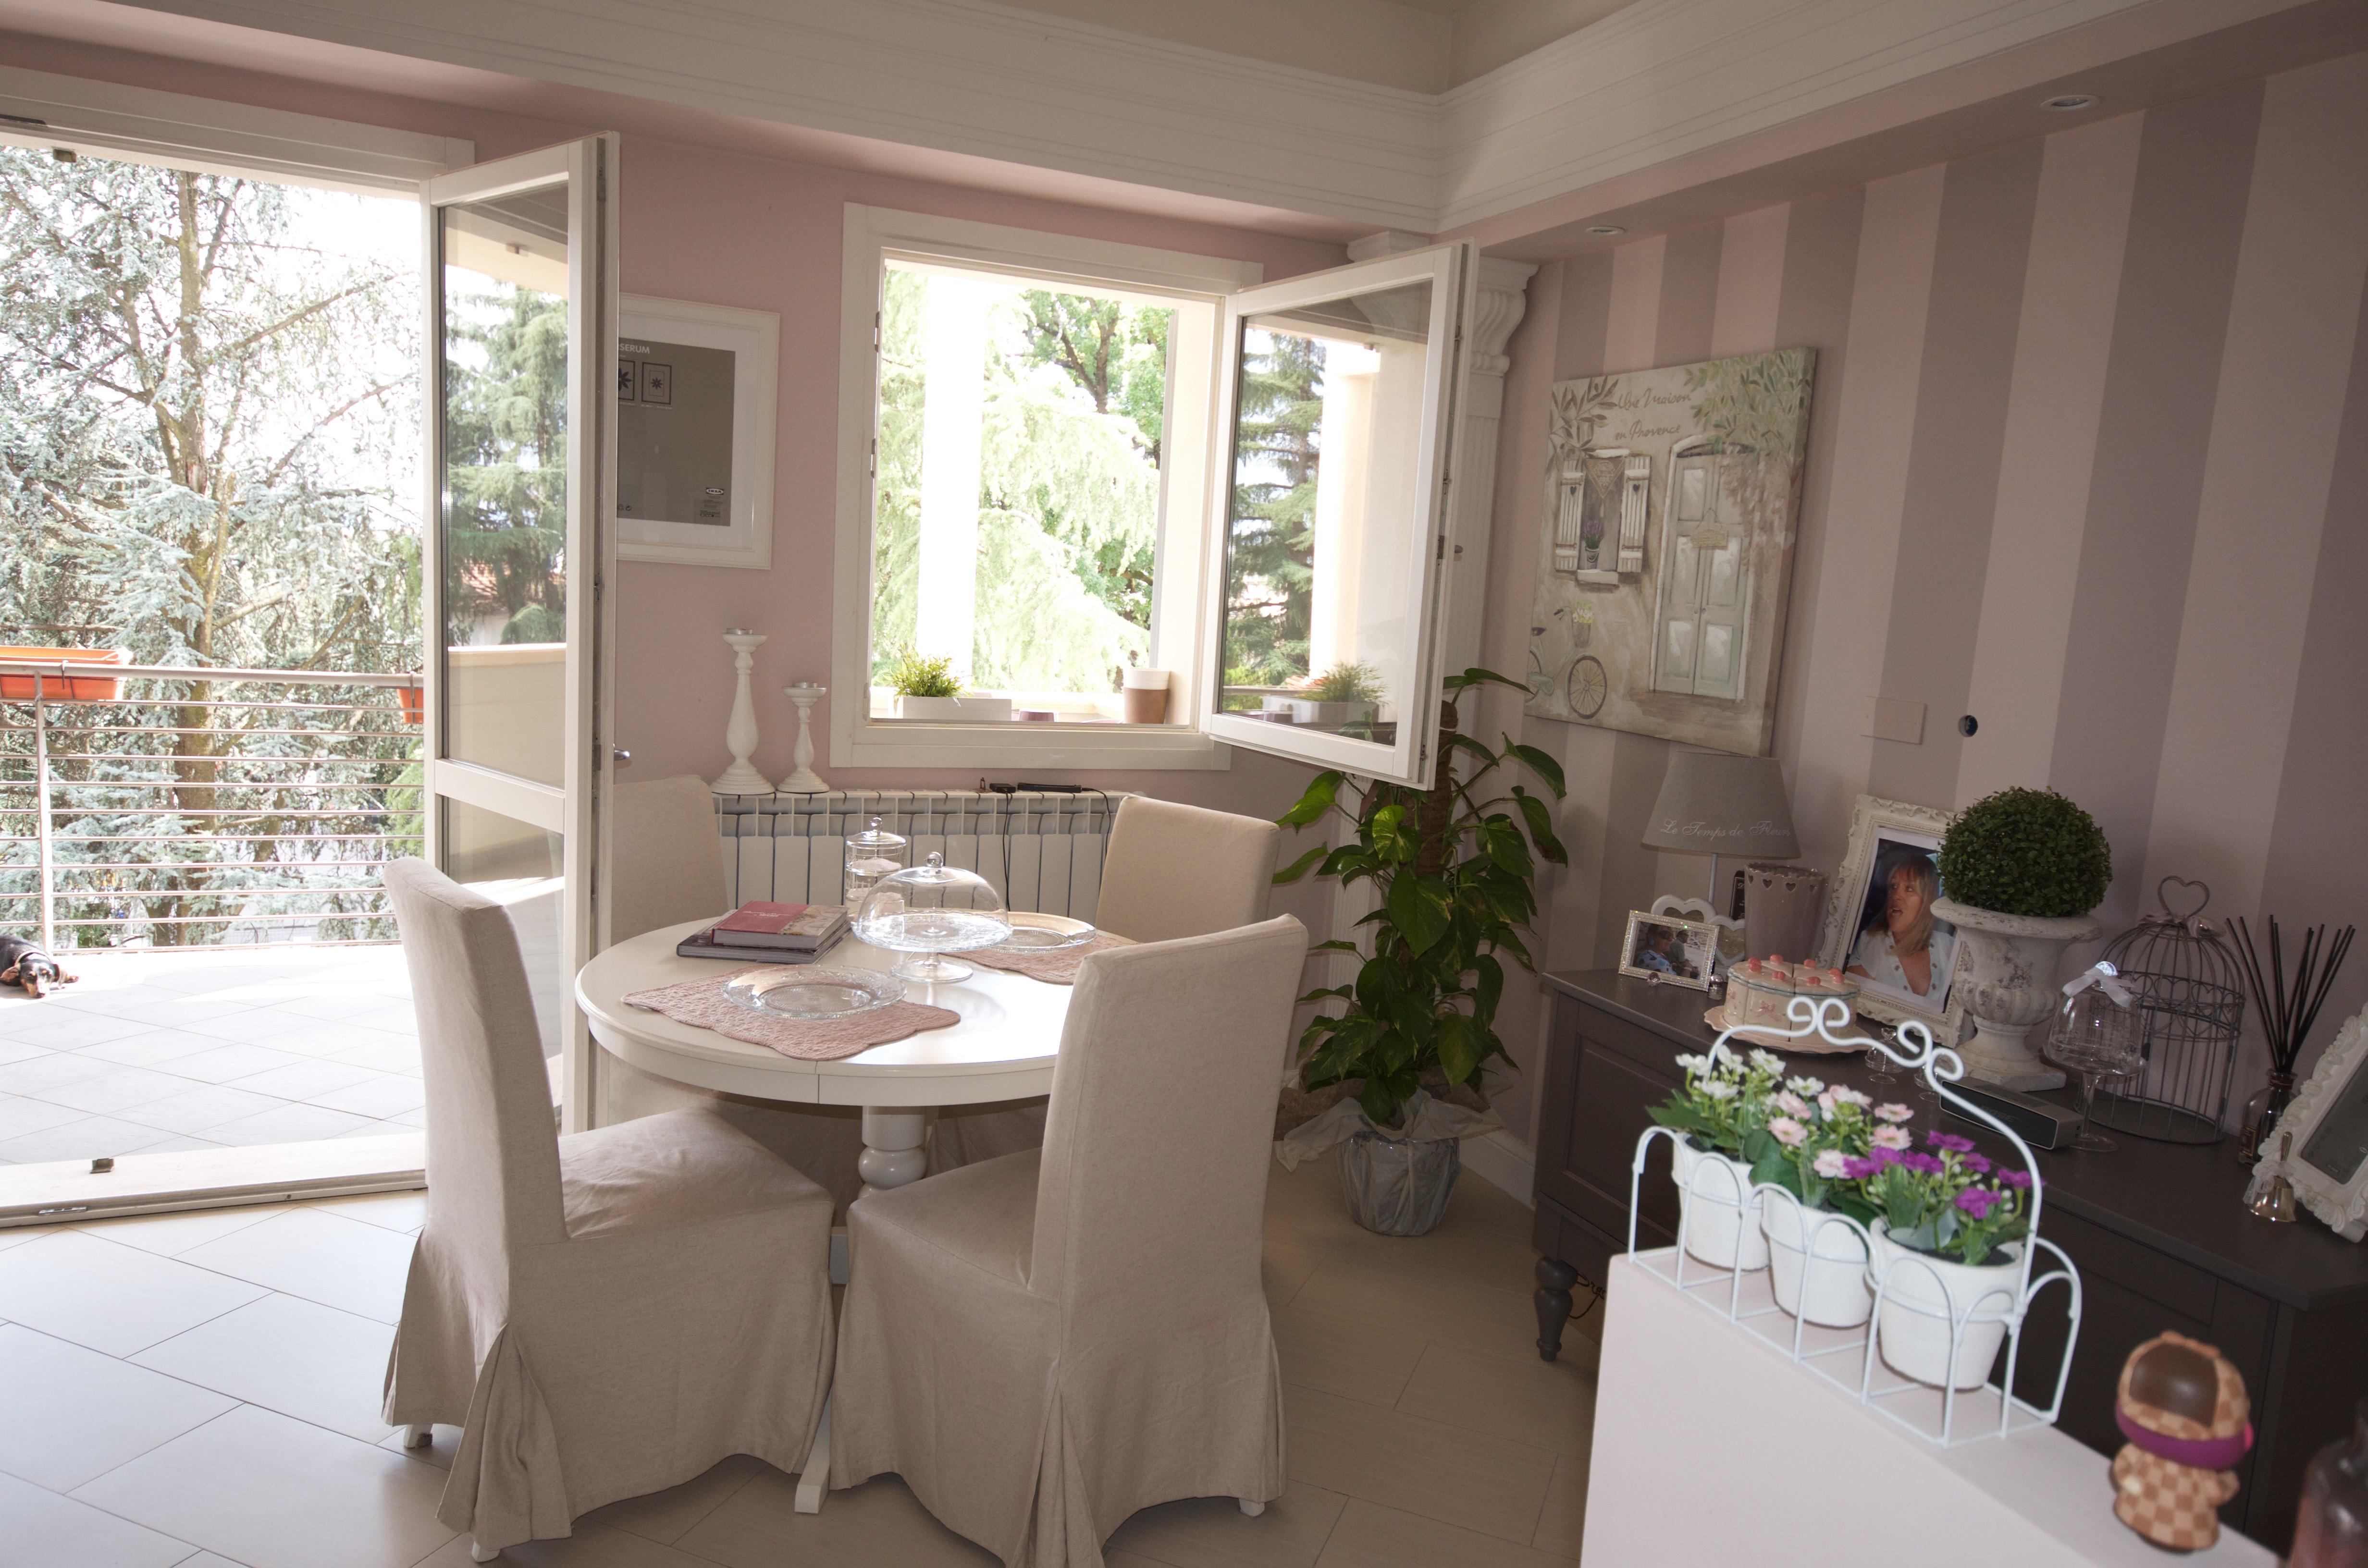 Camera Da Letto Con Boiserie : A casa di mariella u2013 lagenzia 2.0 per la casa dei tuoi sogni